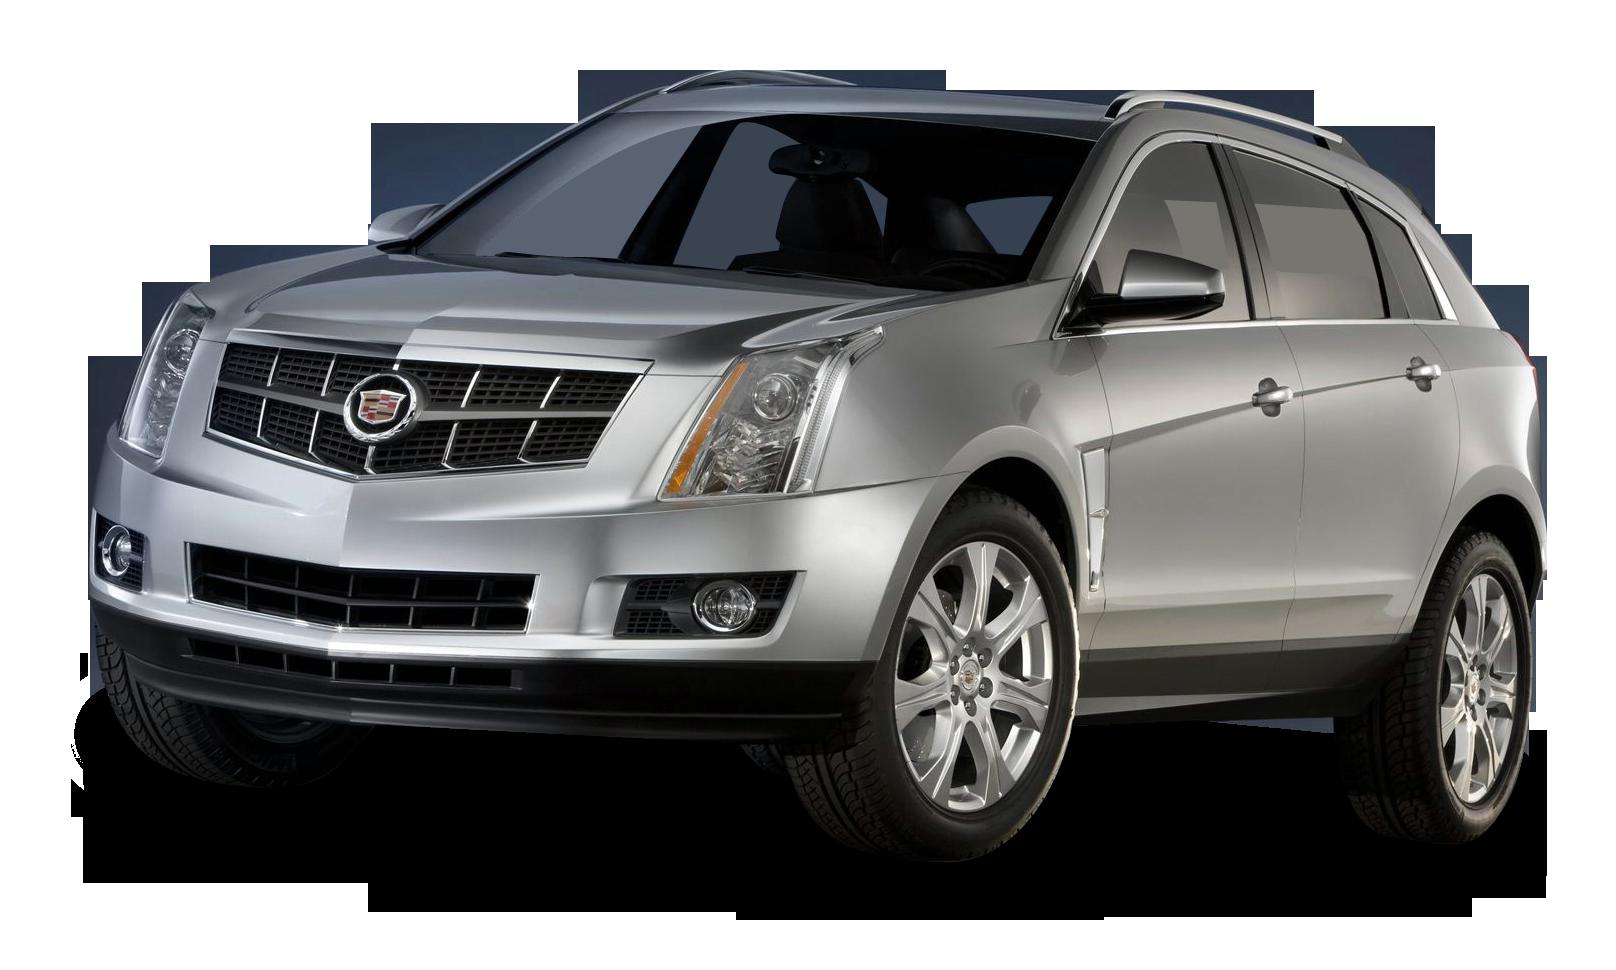 Cadillac SRX Grey Car